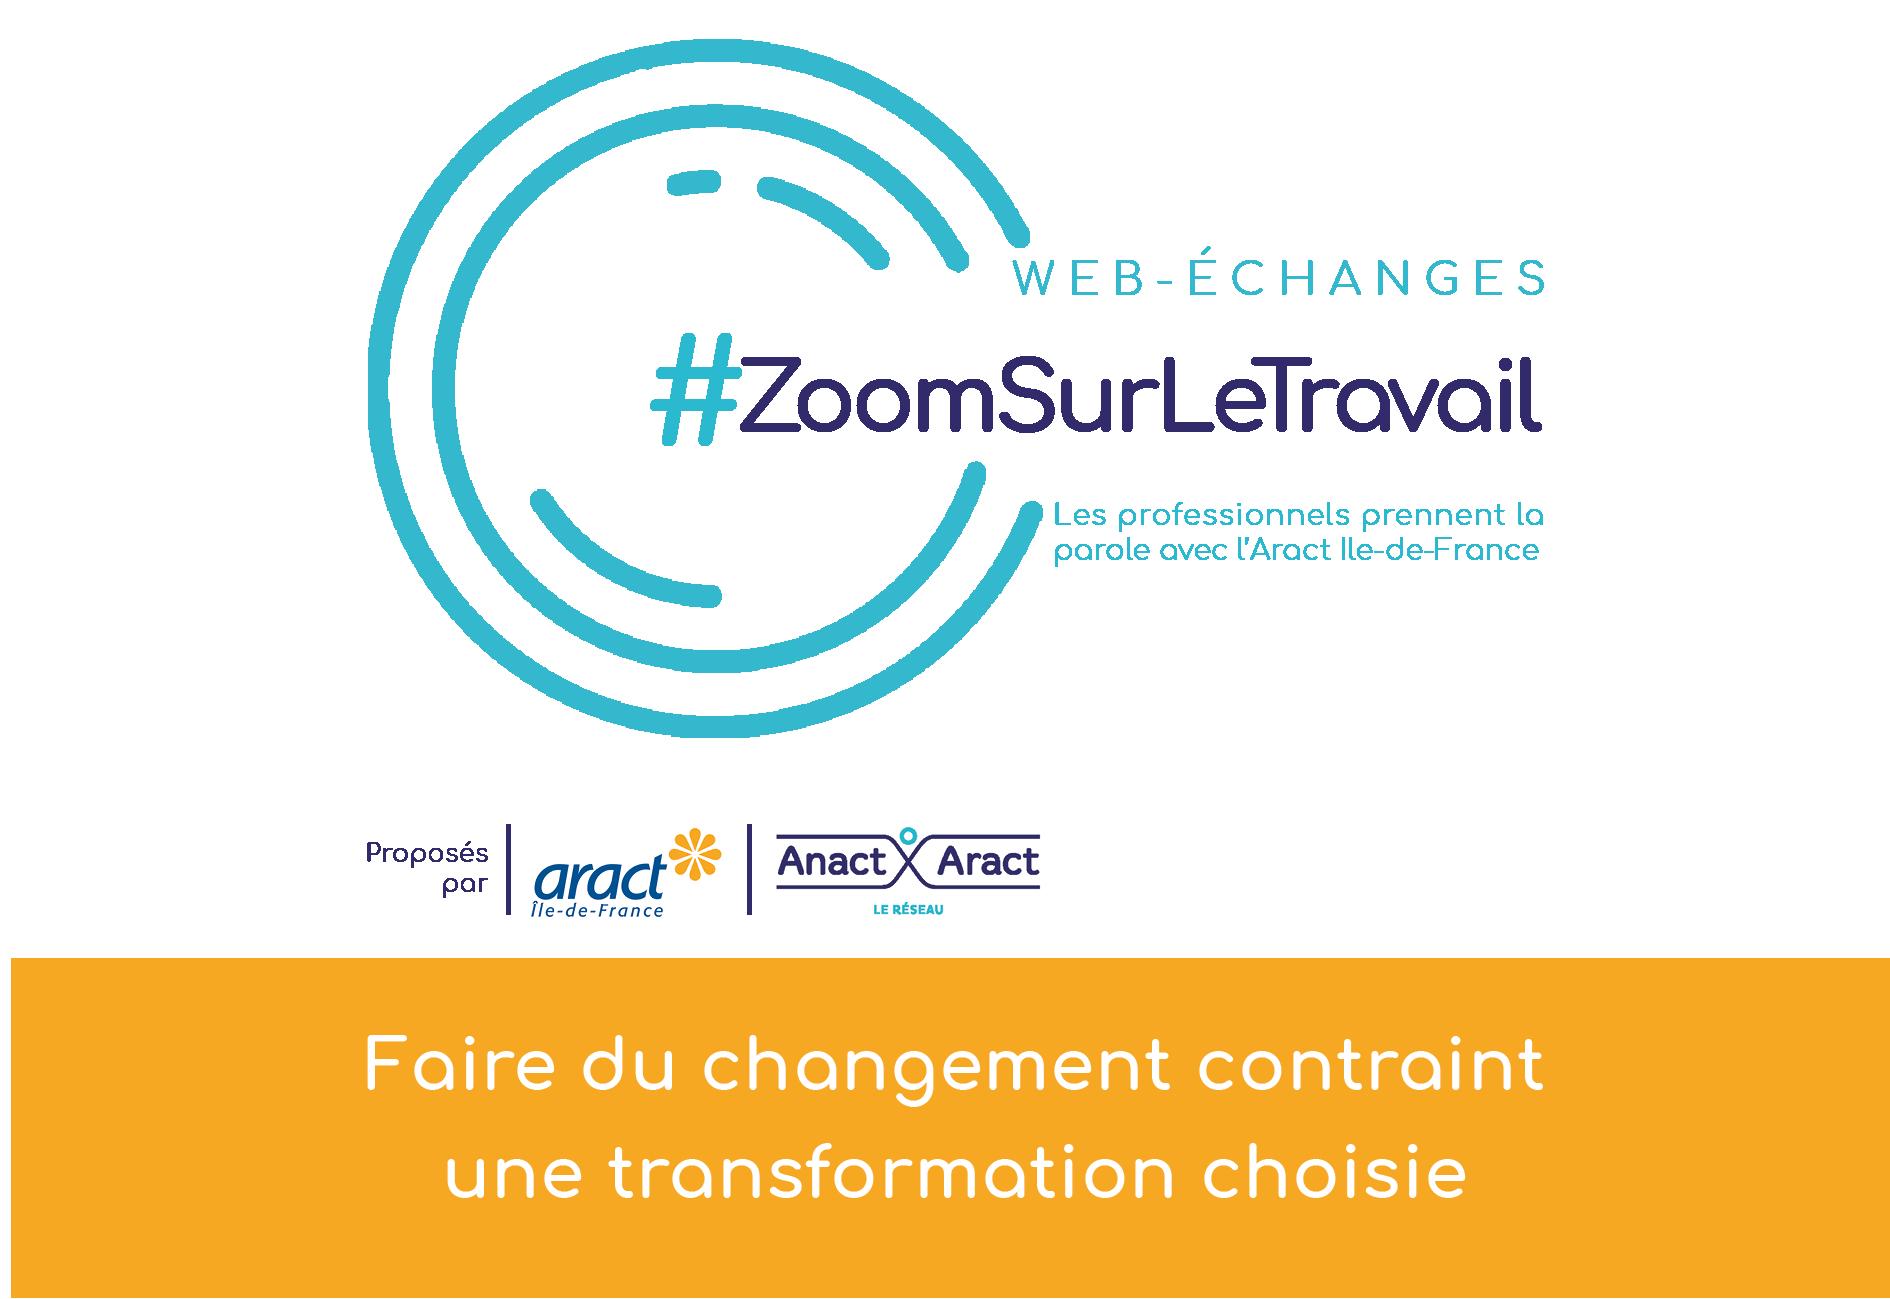 Web-echange transfo